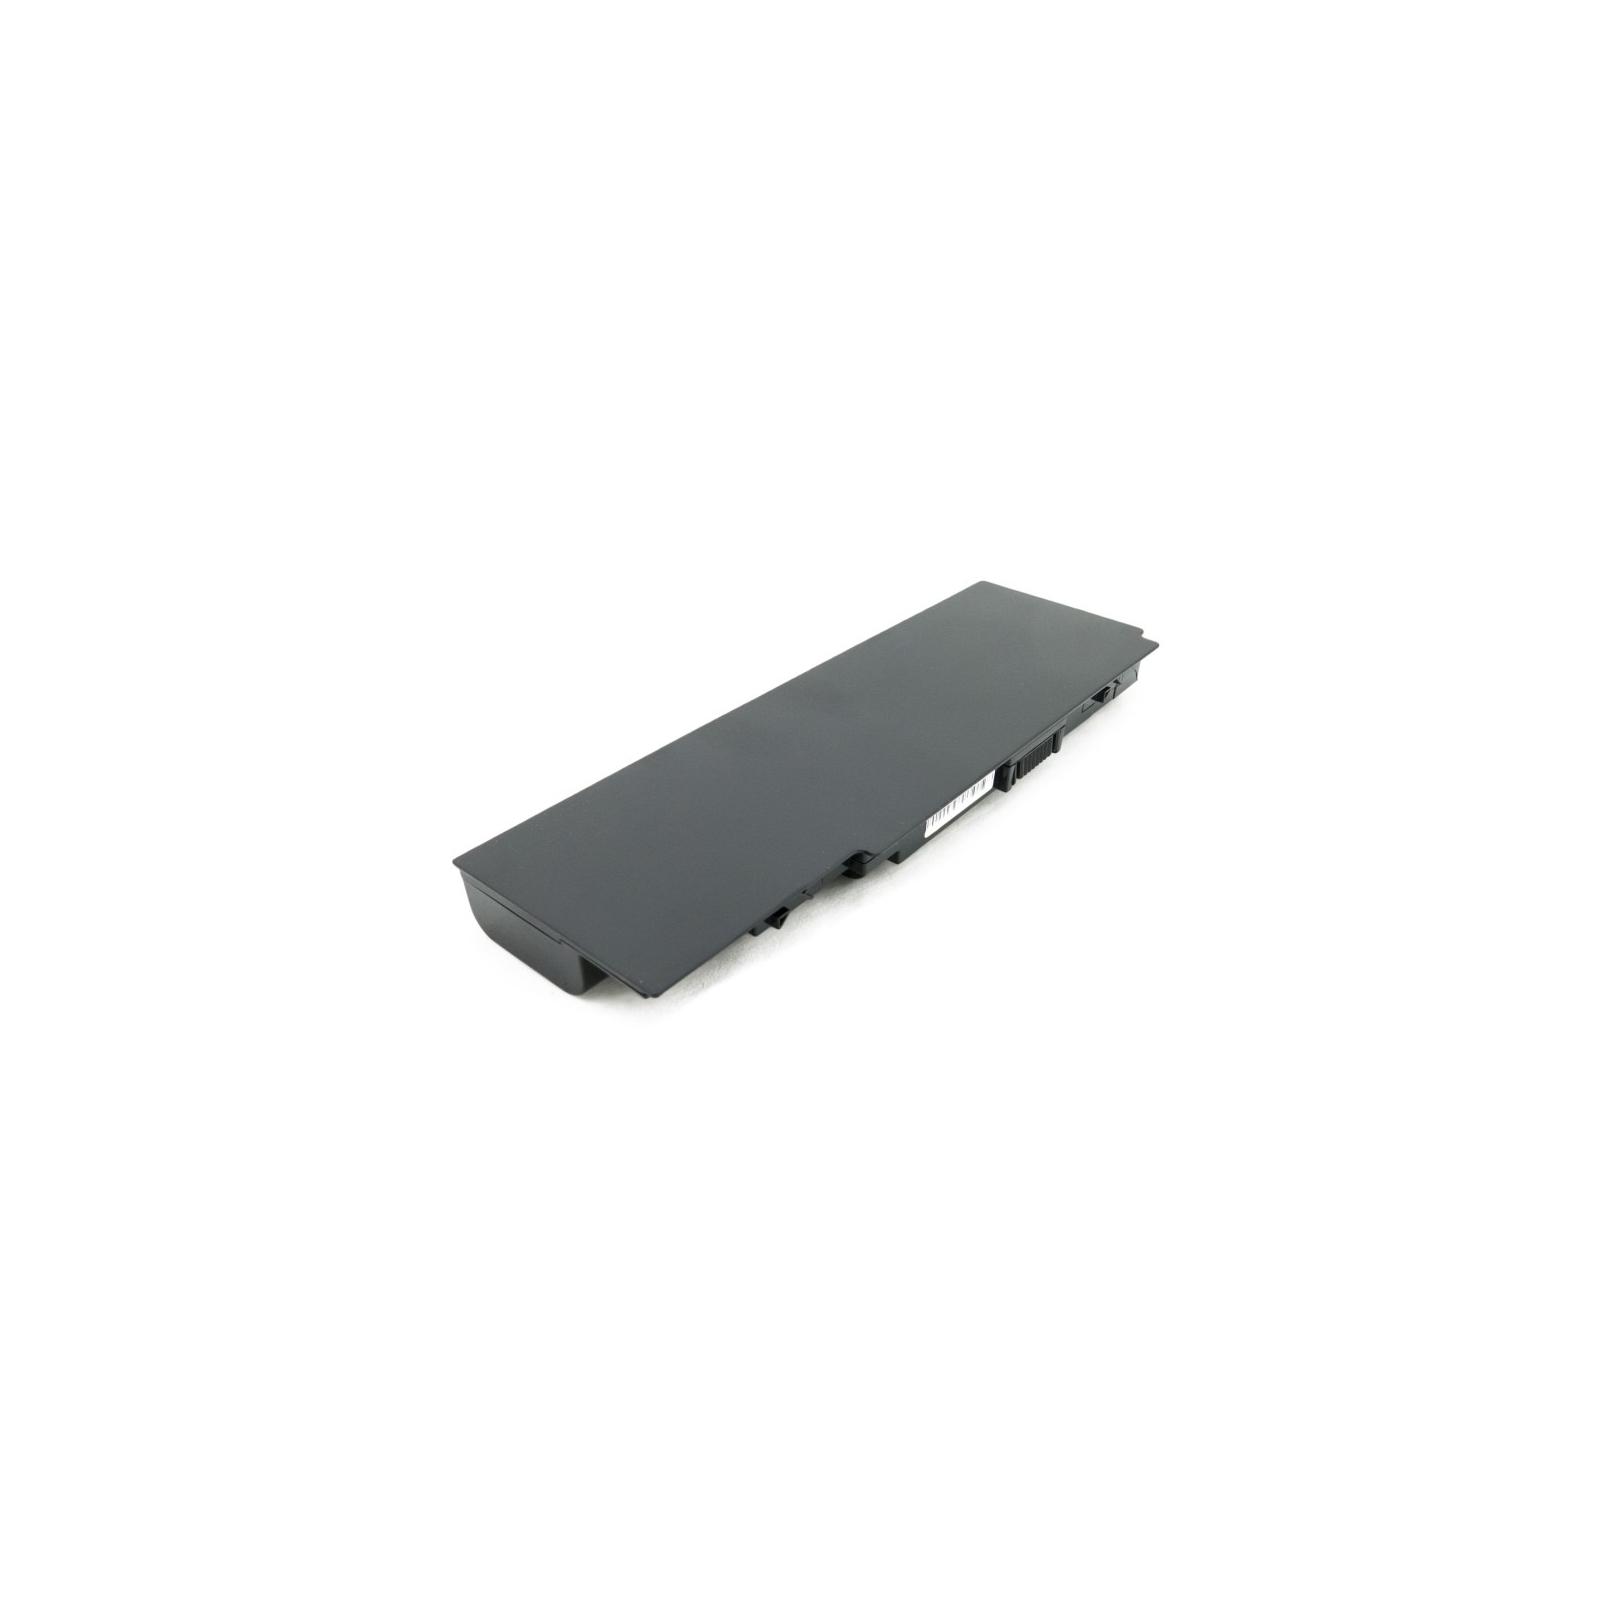 Аккумулятор для ноутбука Acer Aspire 5520 (AS07B31) 5200 mAh EXTRADIGITAL (BNA3911) изображение 3